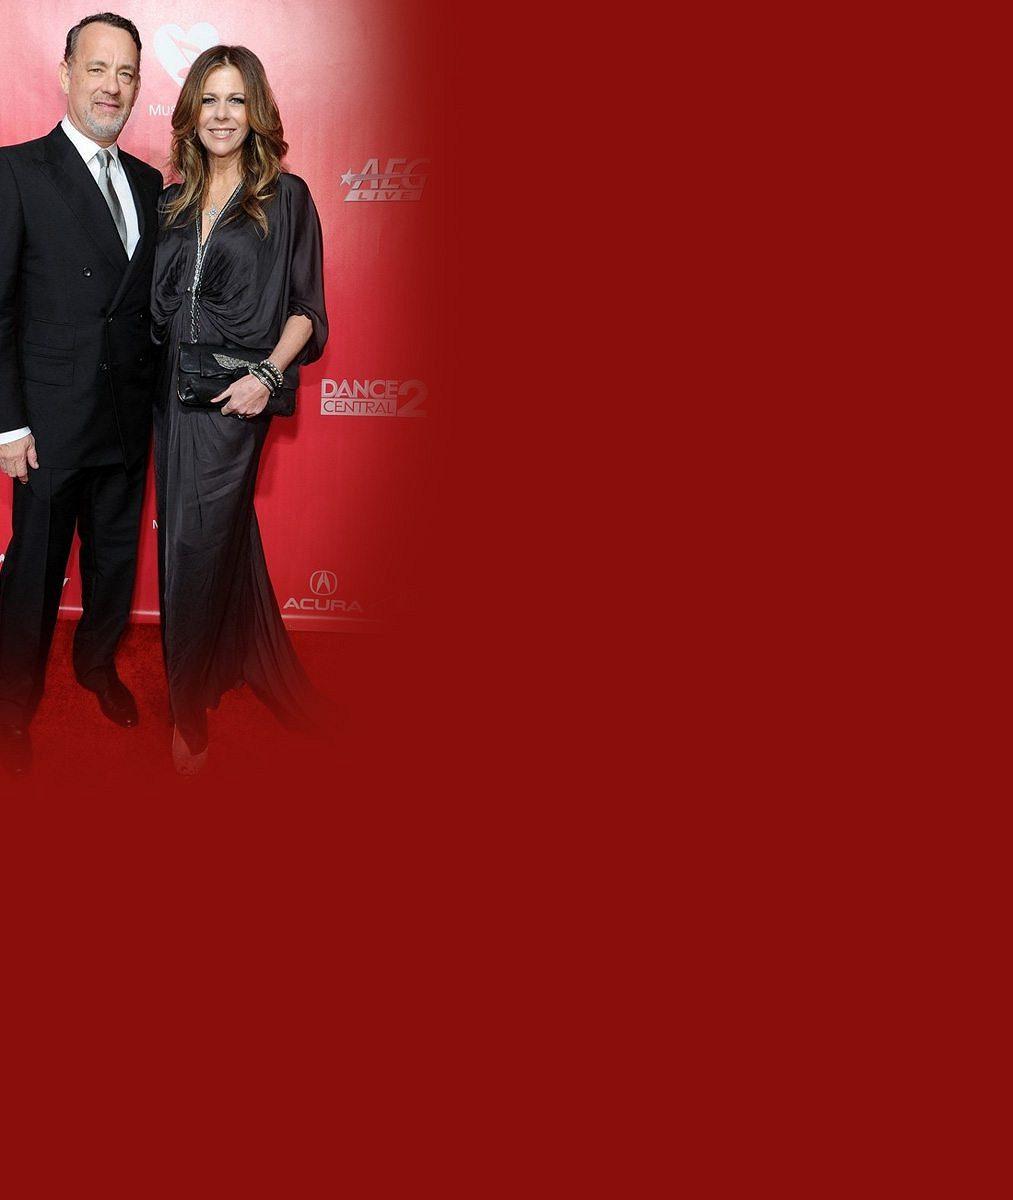 Zamilovaná selfie po 28 letech manželství: Tom Hanks a jeho žena, která bojovala s rakovinou, mají lásky na rozdávání